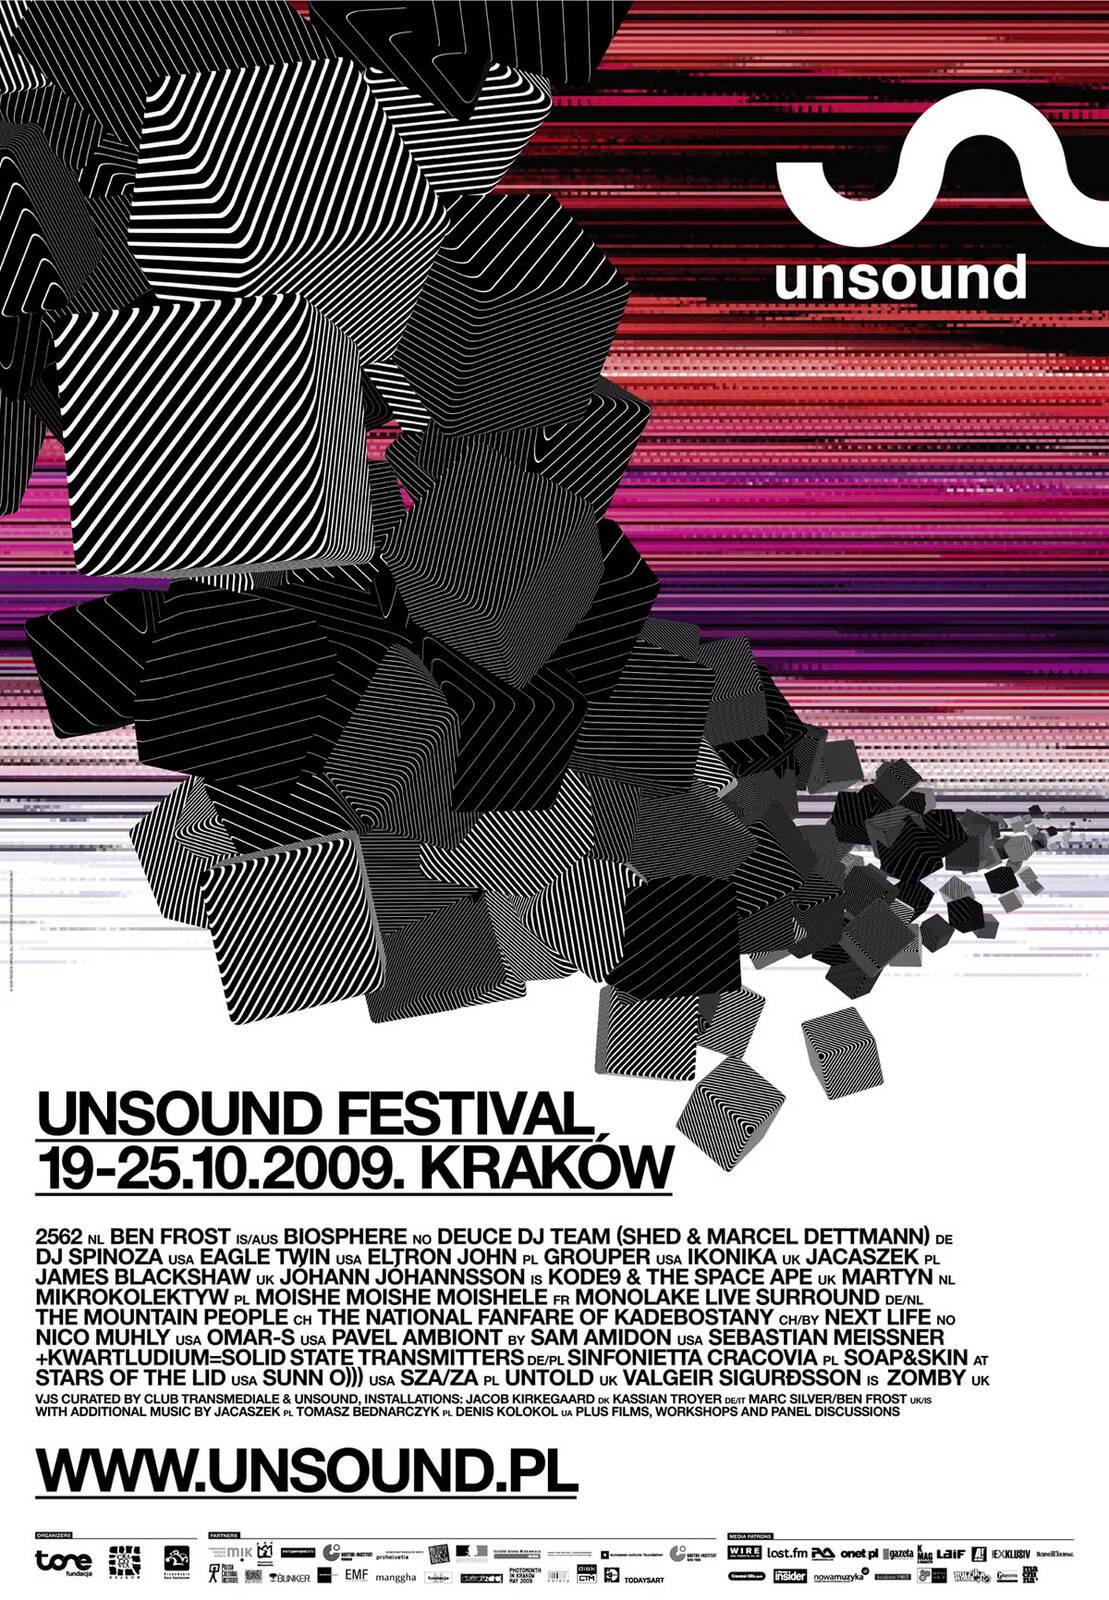 Unsound Kraków 2009